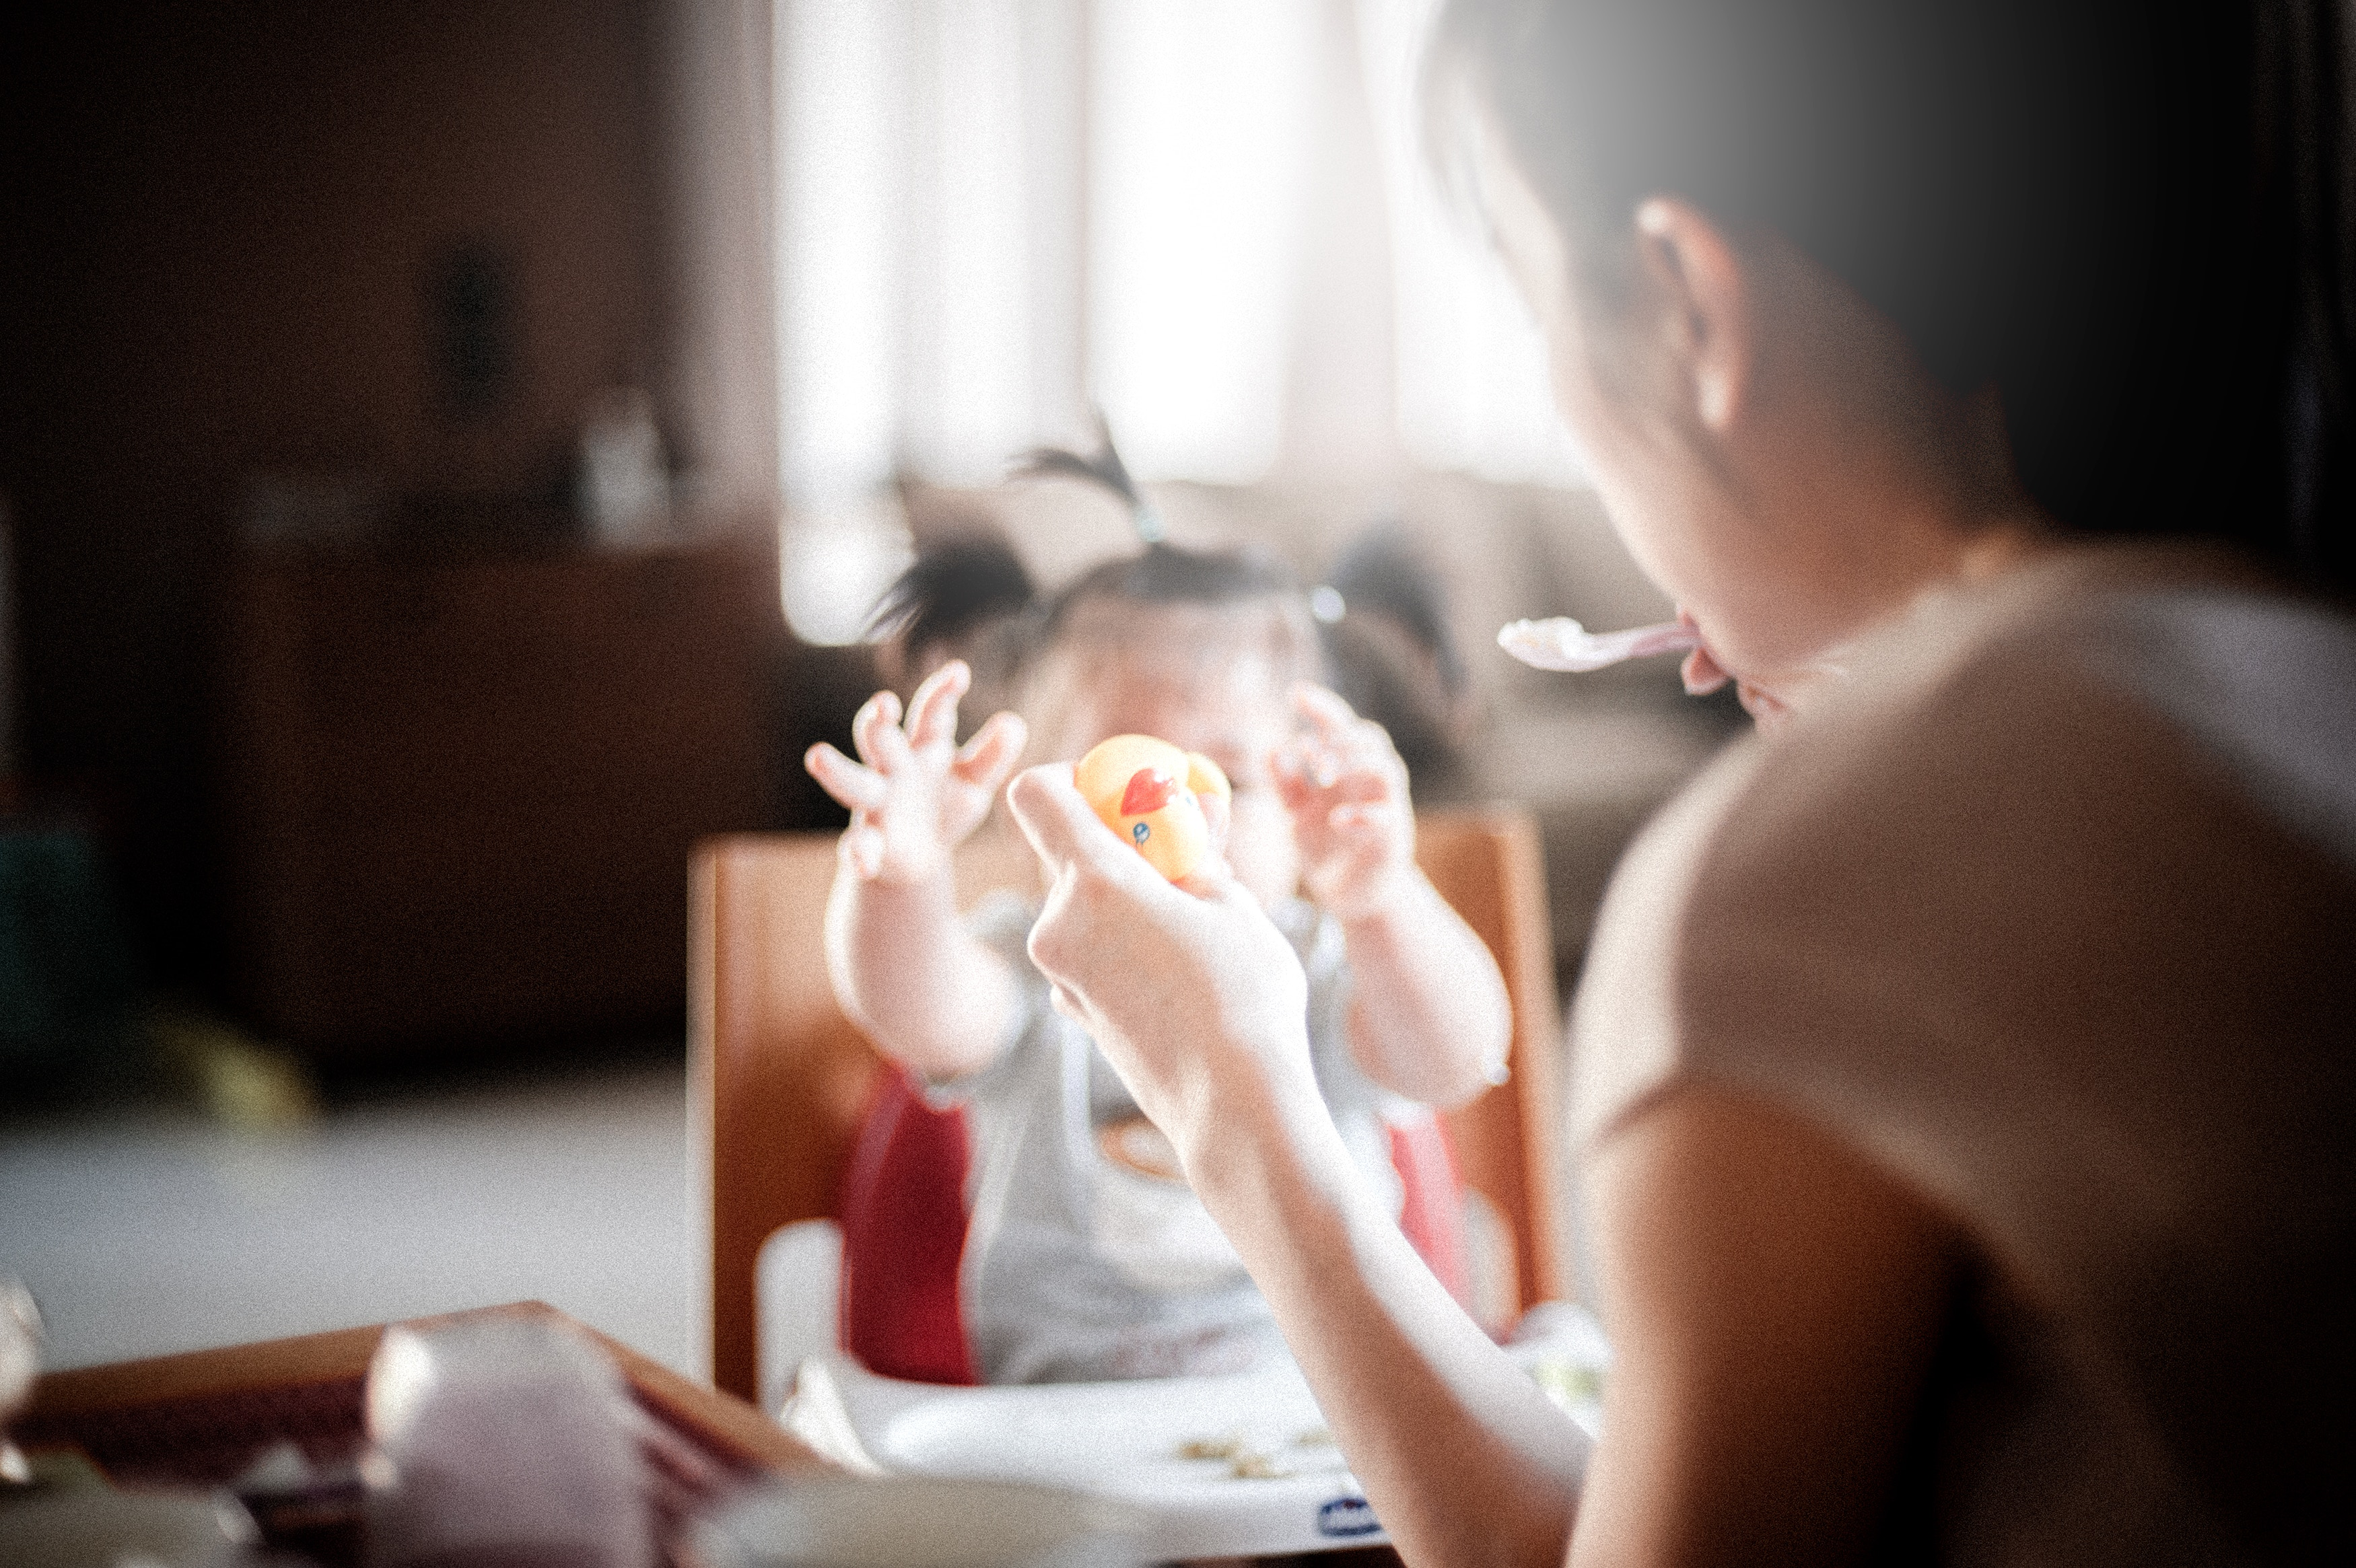 La salute dei nostri figli parte dalla tavola: ecco le regole per una alimentazione equilibrata